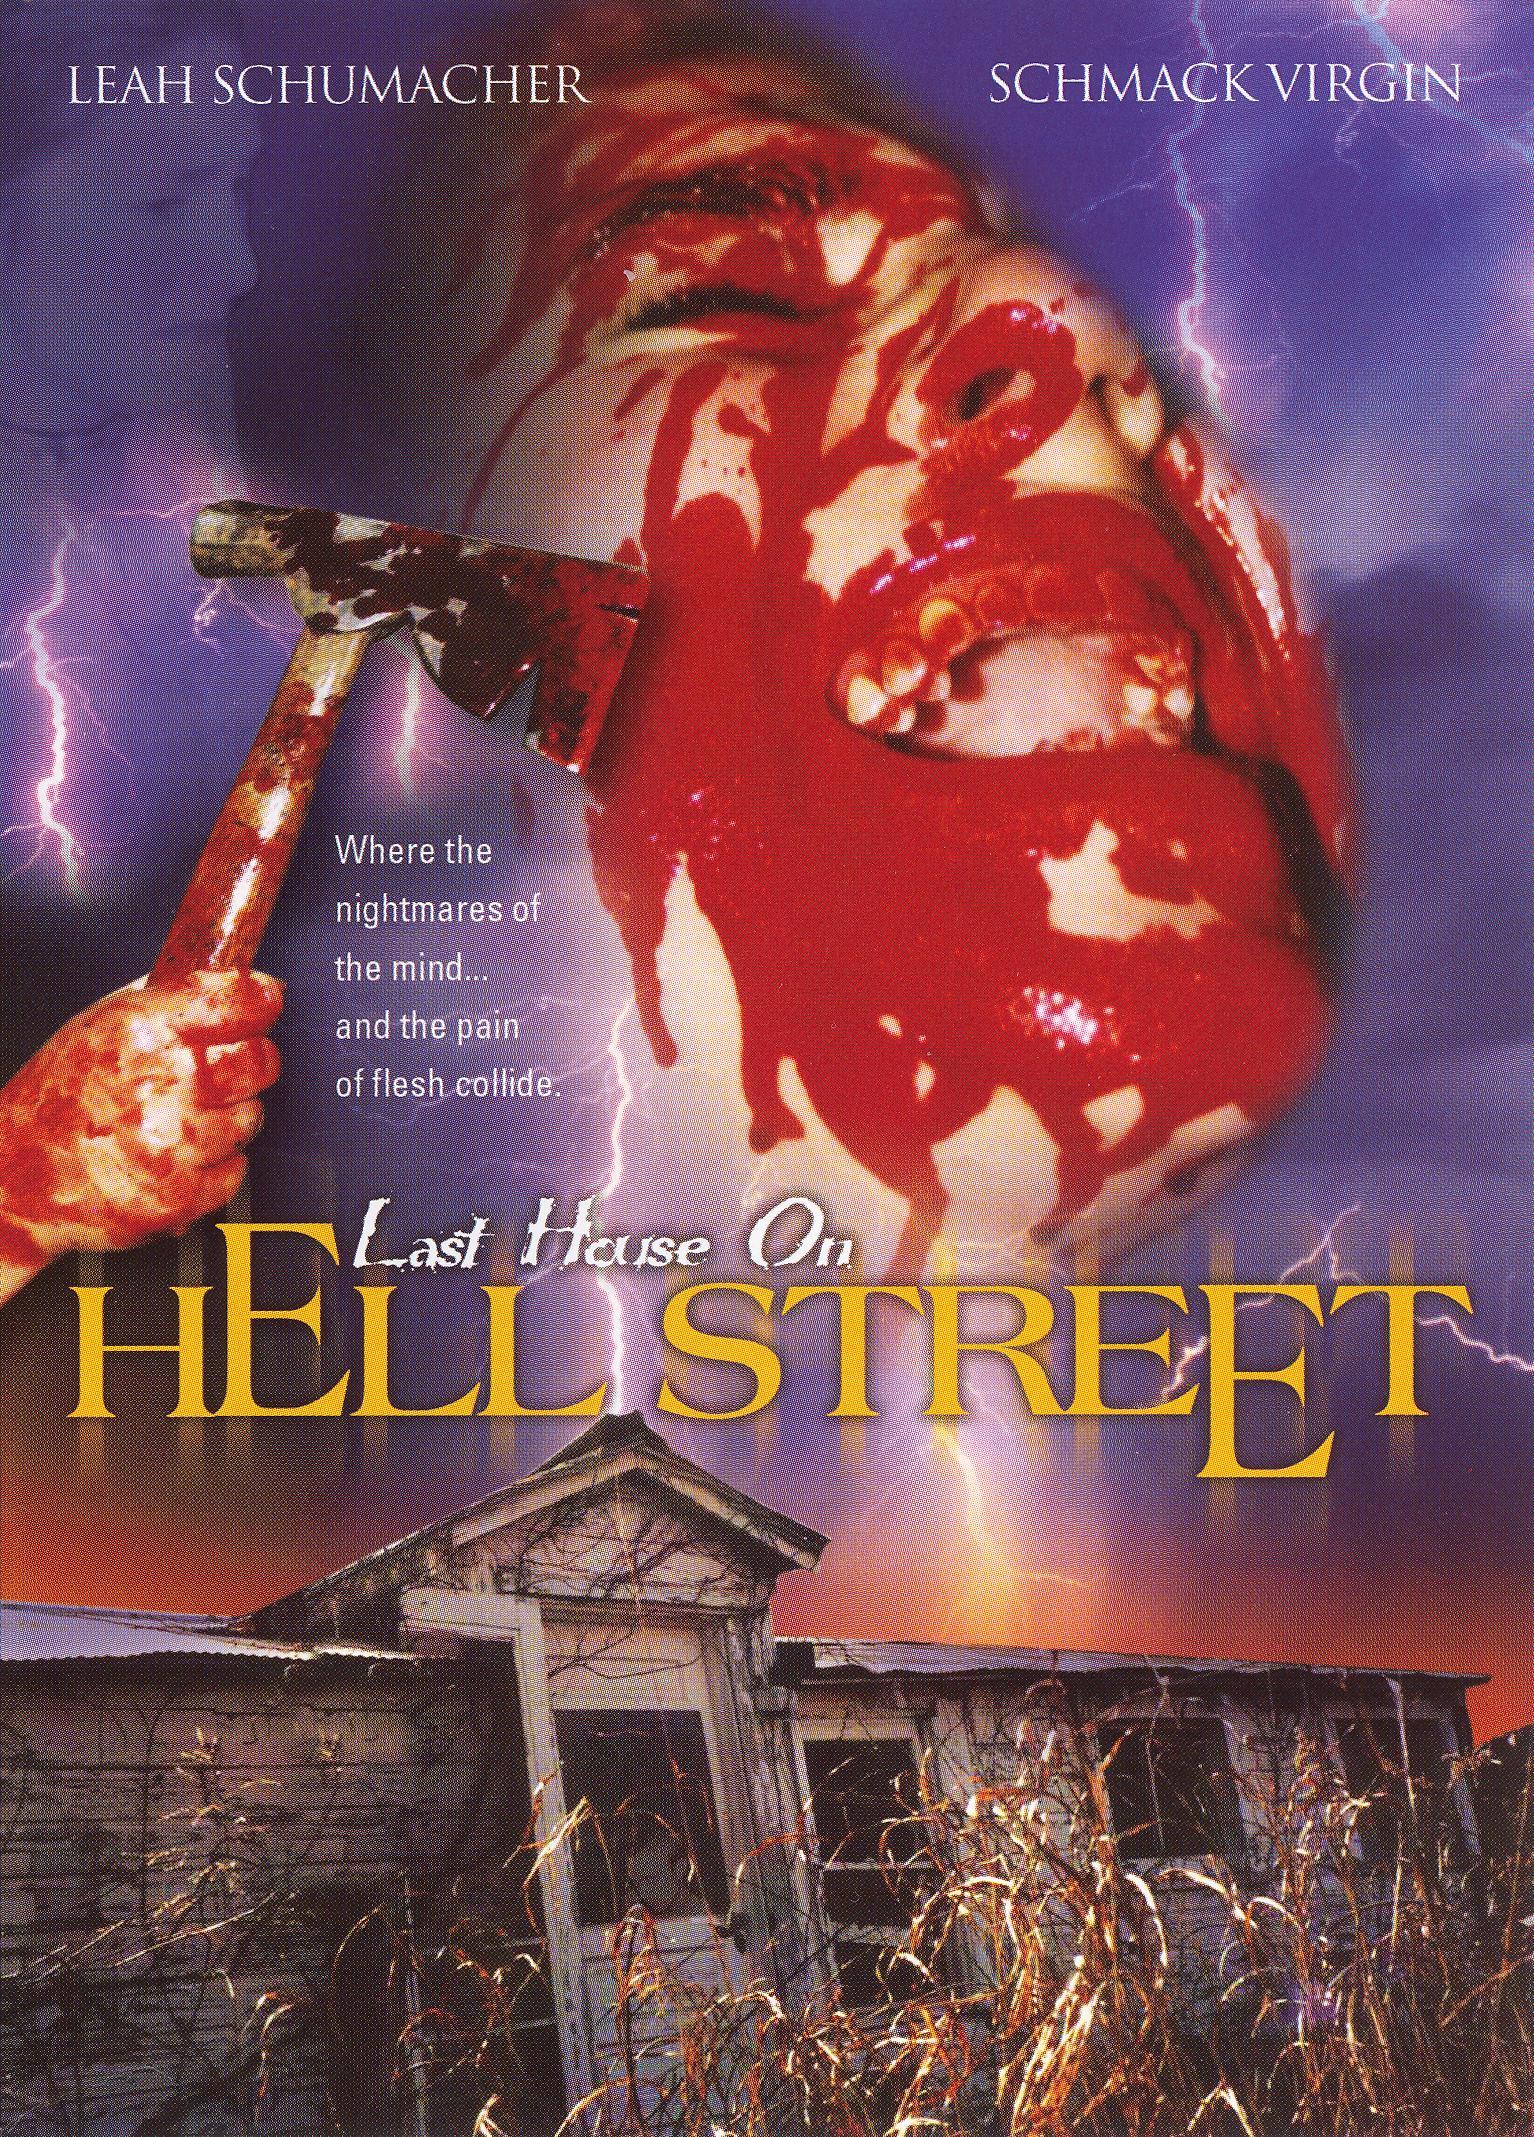 Last House on Hell Street